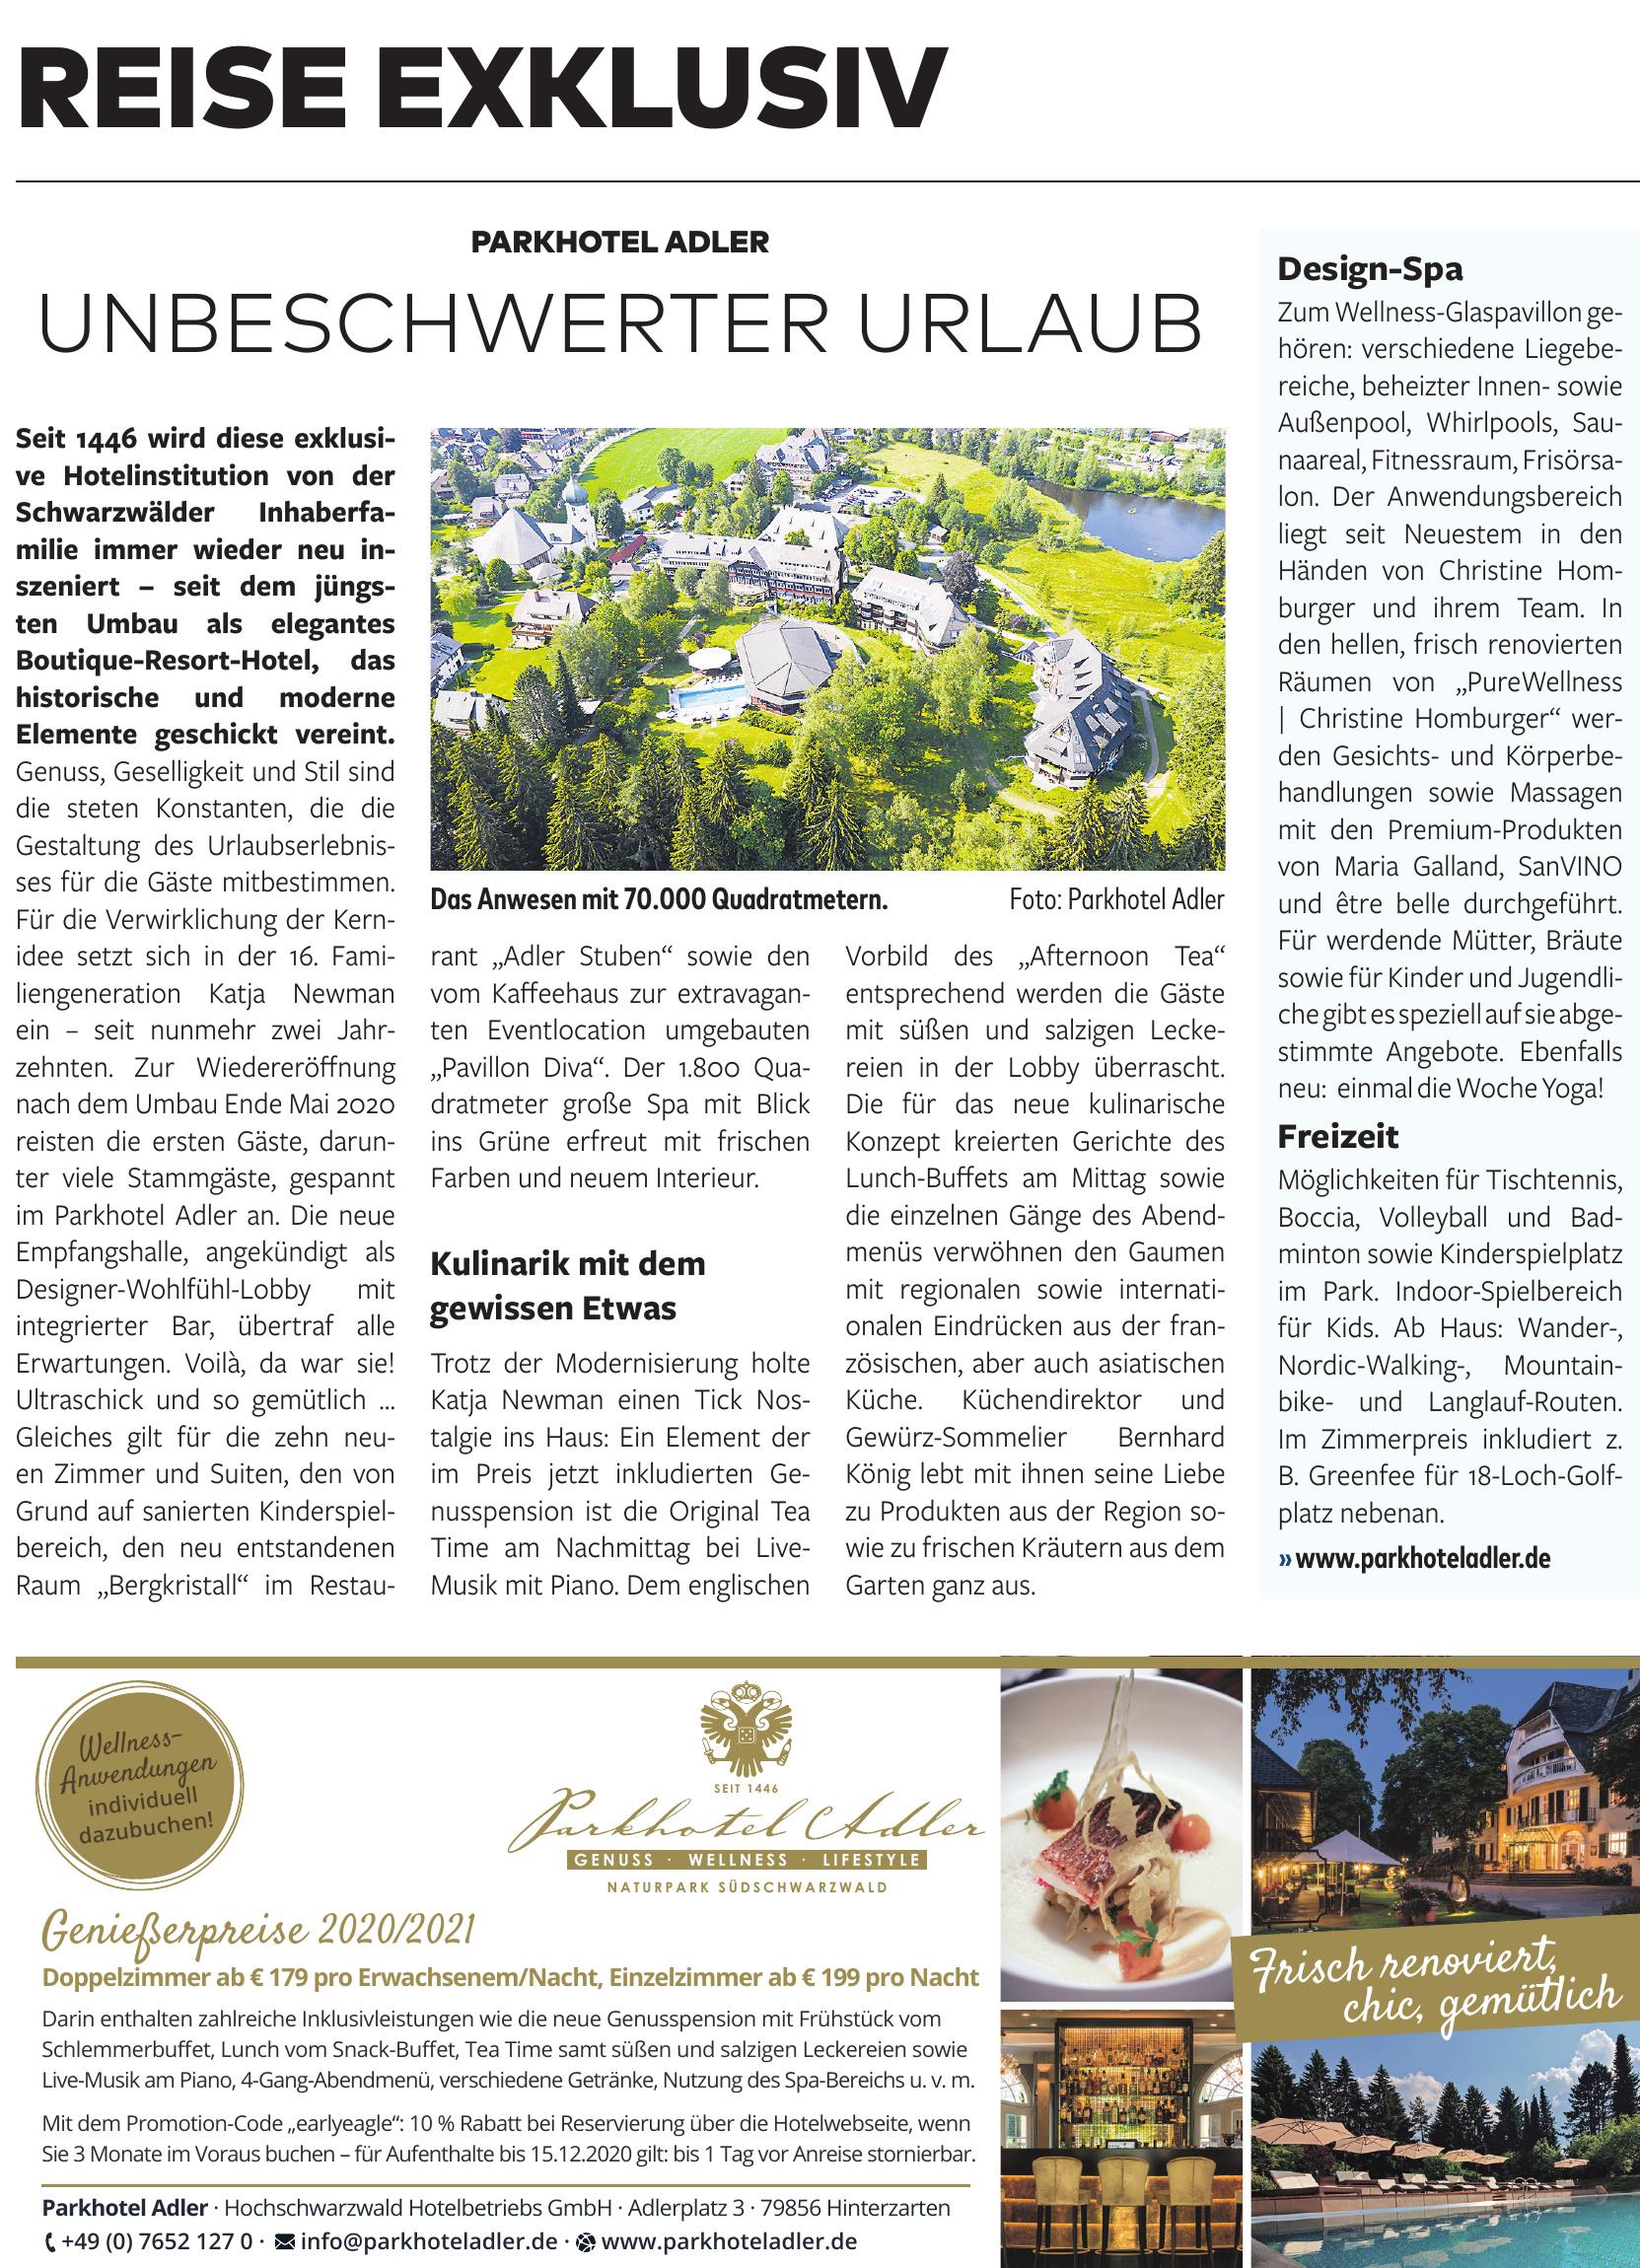 Parkhotel Adler - Hochschwarzwald Hotelbetriebs GmbH